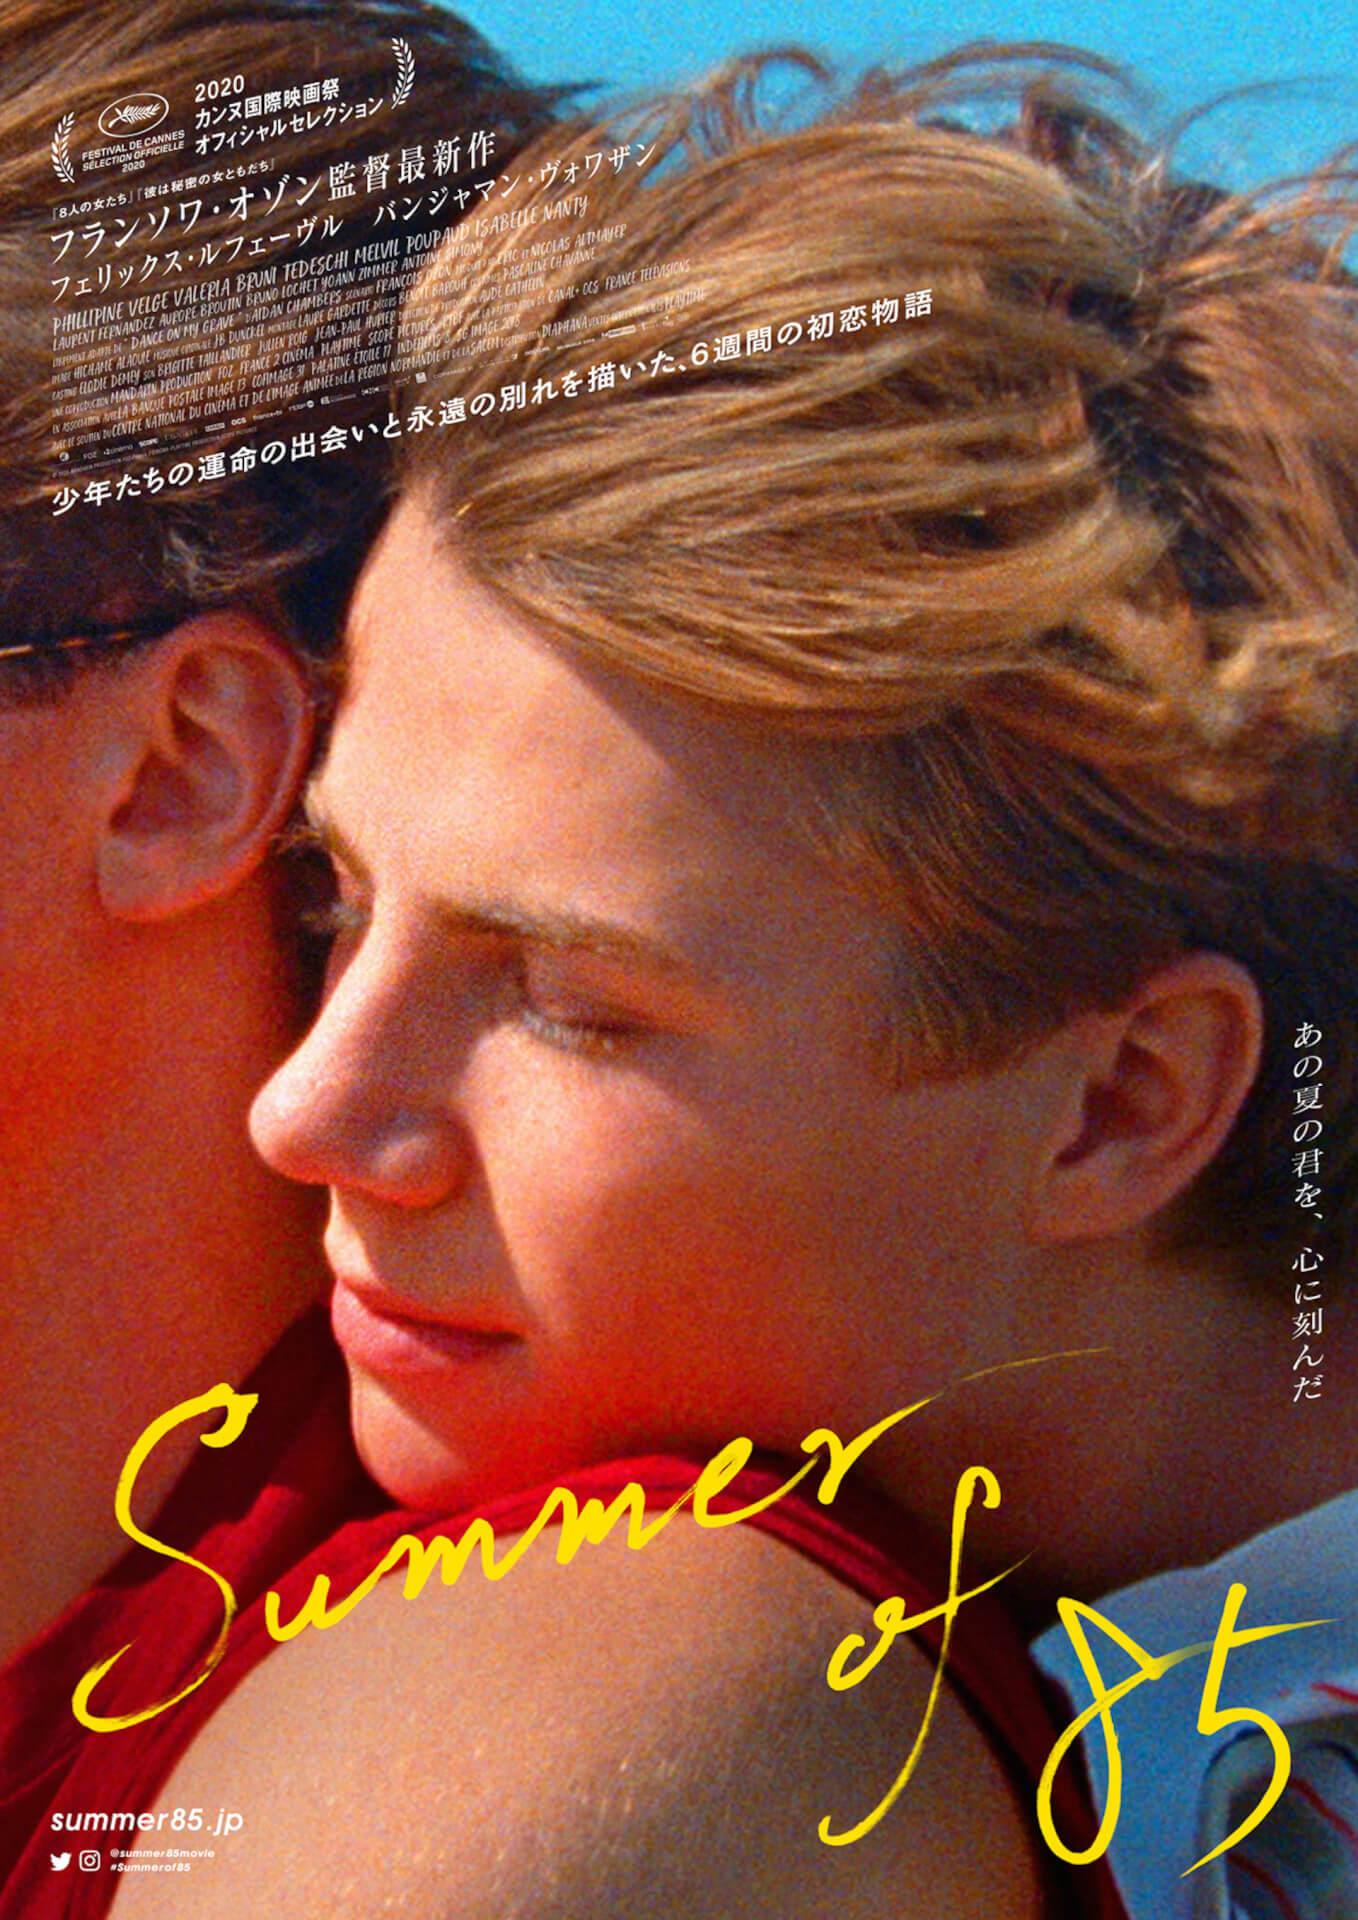 【チケプレ!】フランソワ・オゾンの映画『Summer of 85』の試写会に5組10名様をご招待! film210721_summerof85_1